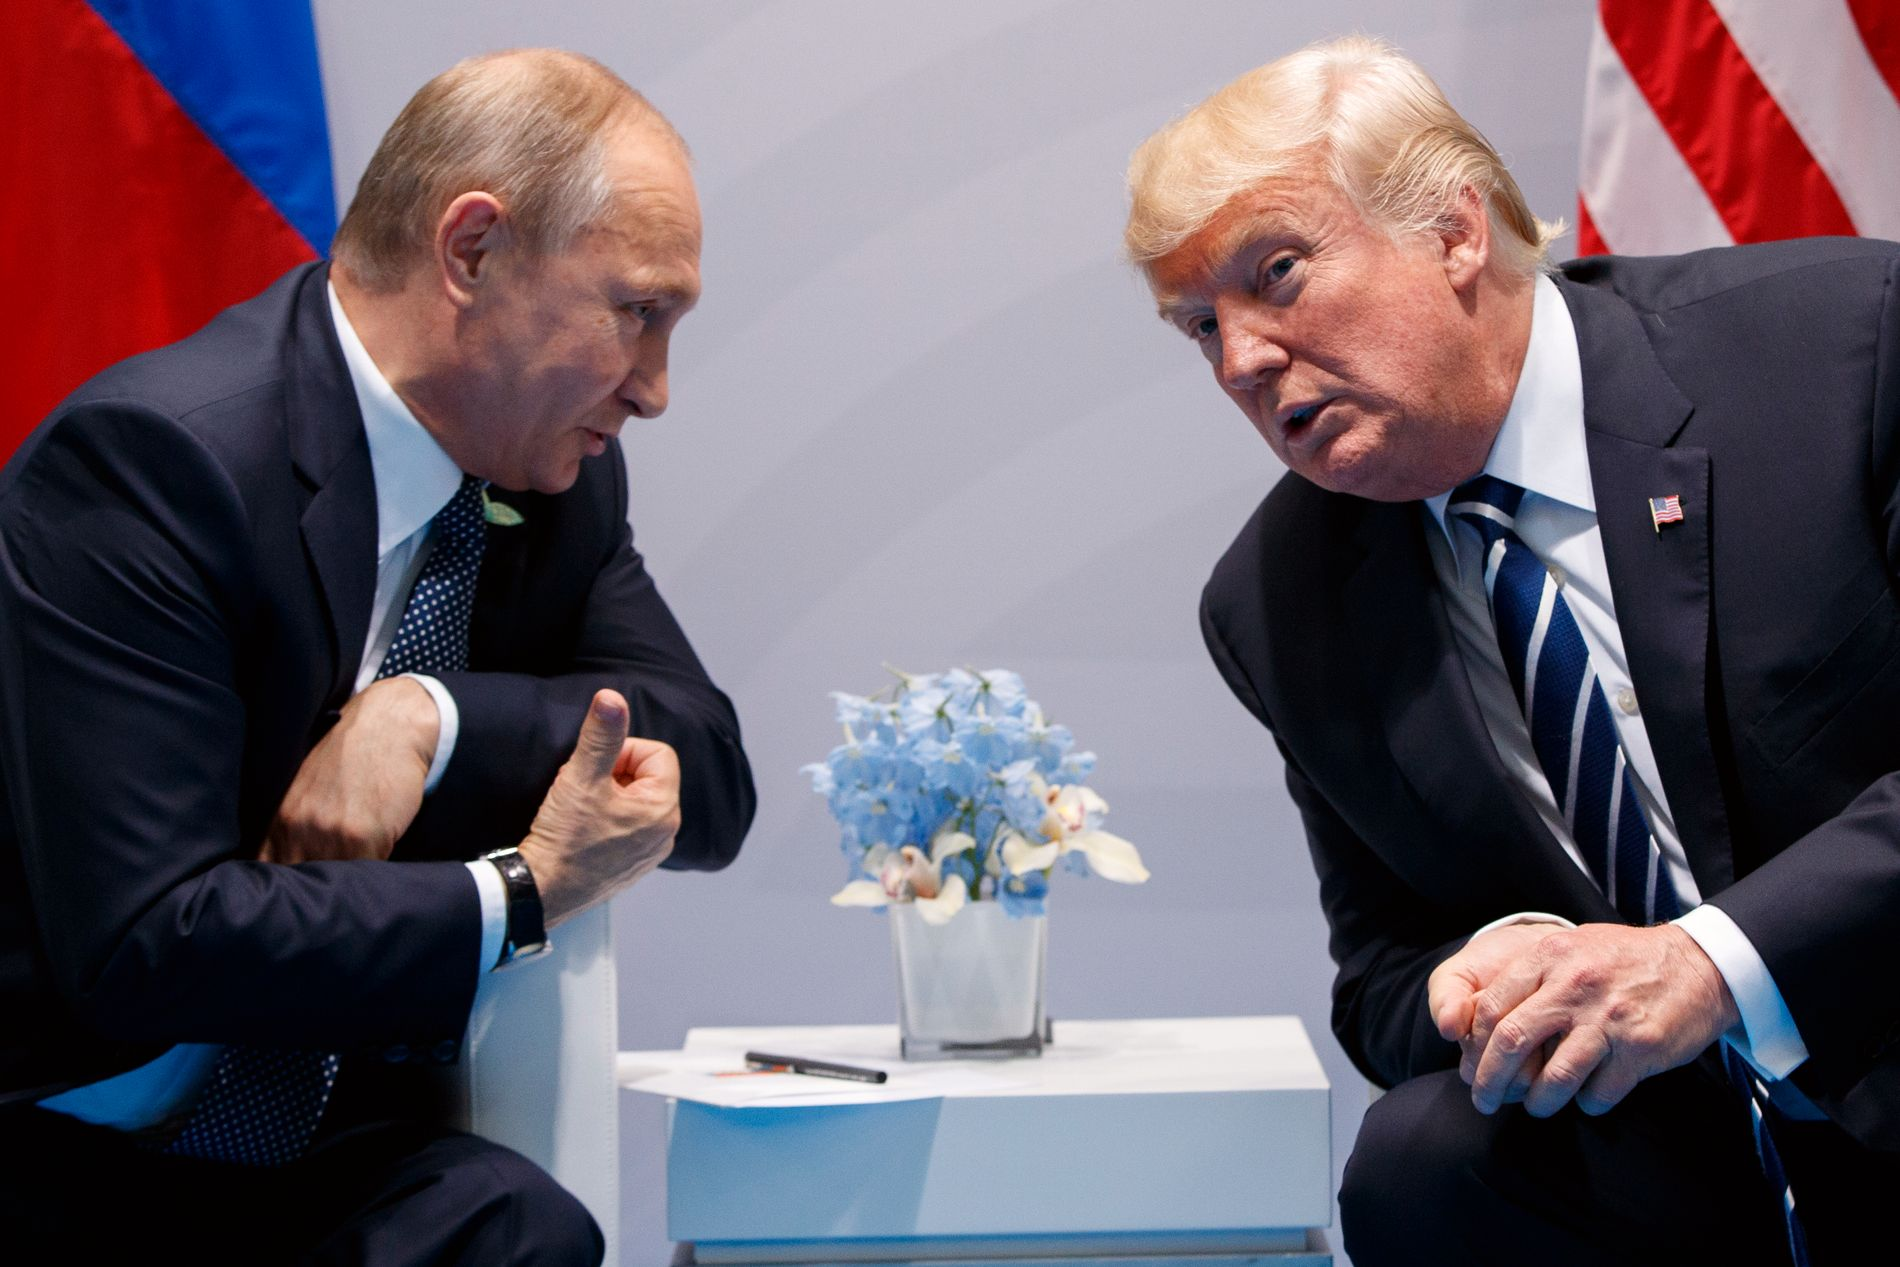 LEGITIMERER AUTORITÆRE: Trumps væremåte gir rom for andre autoritære ledere, skriver innsenderen.